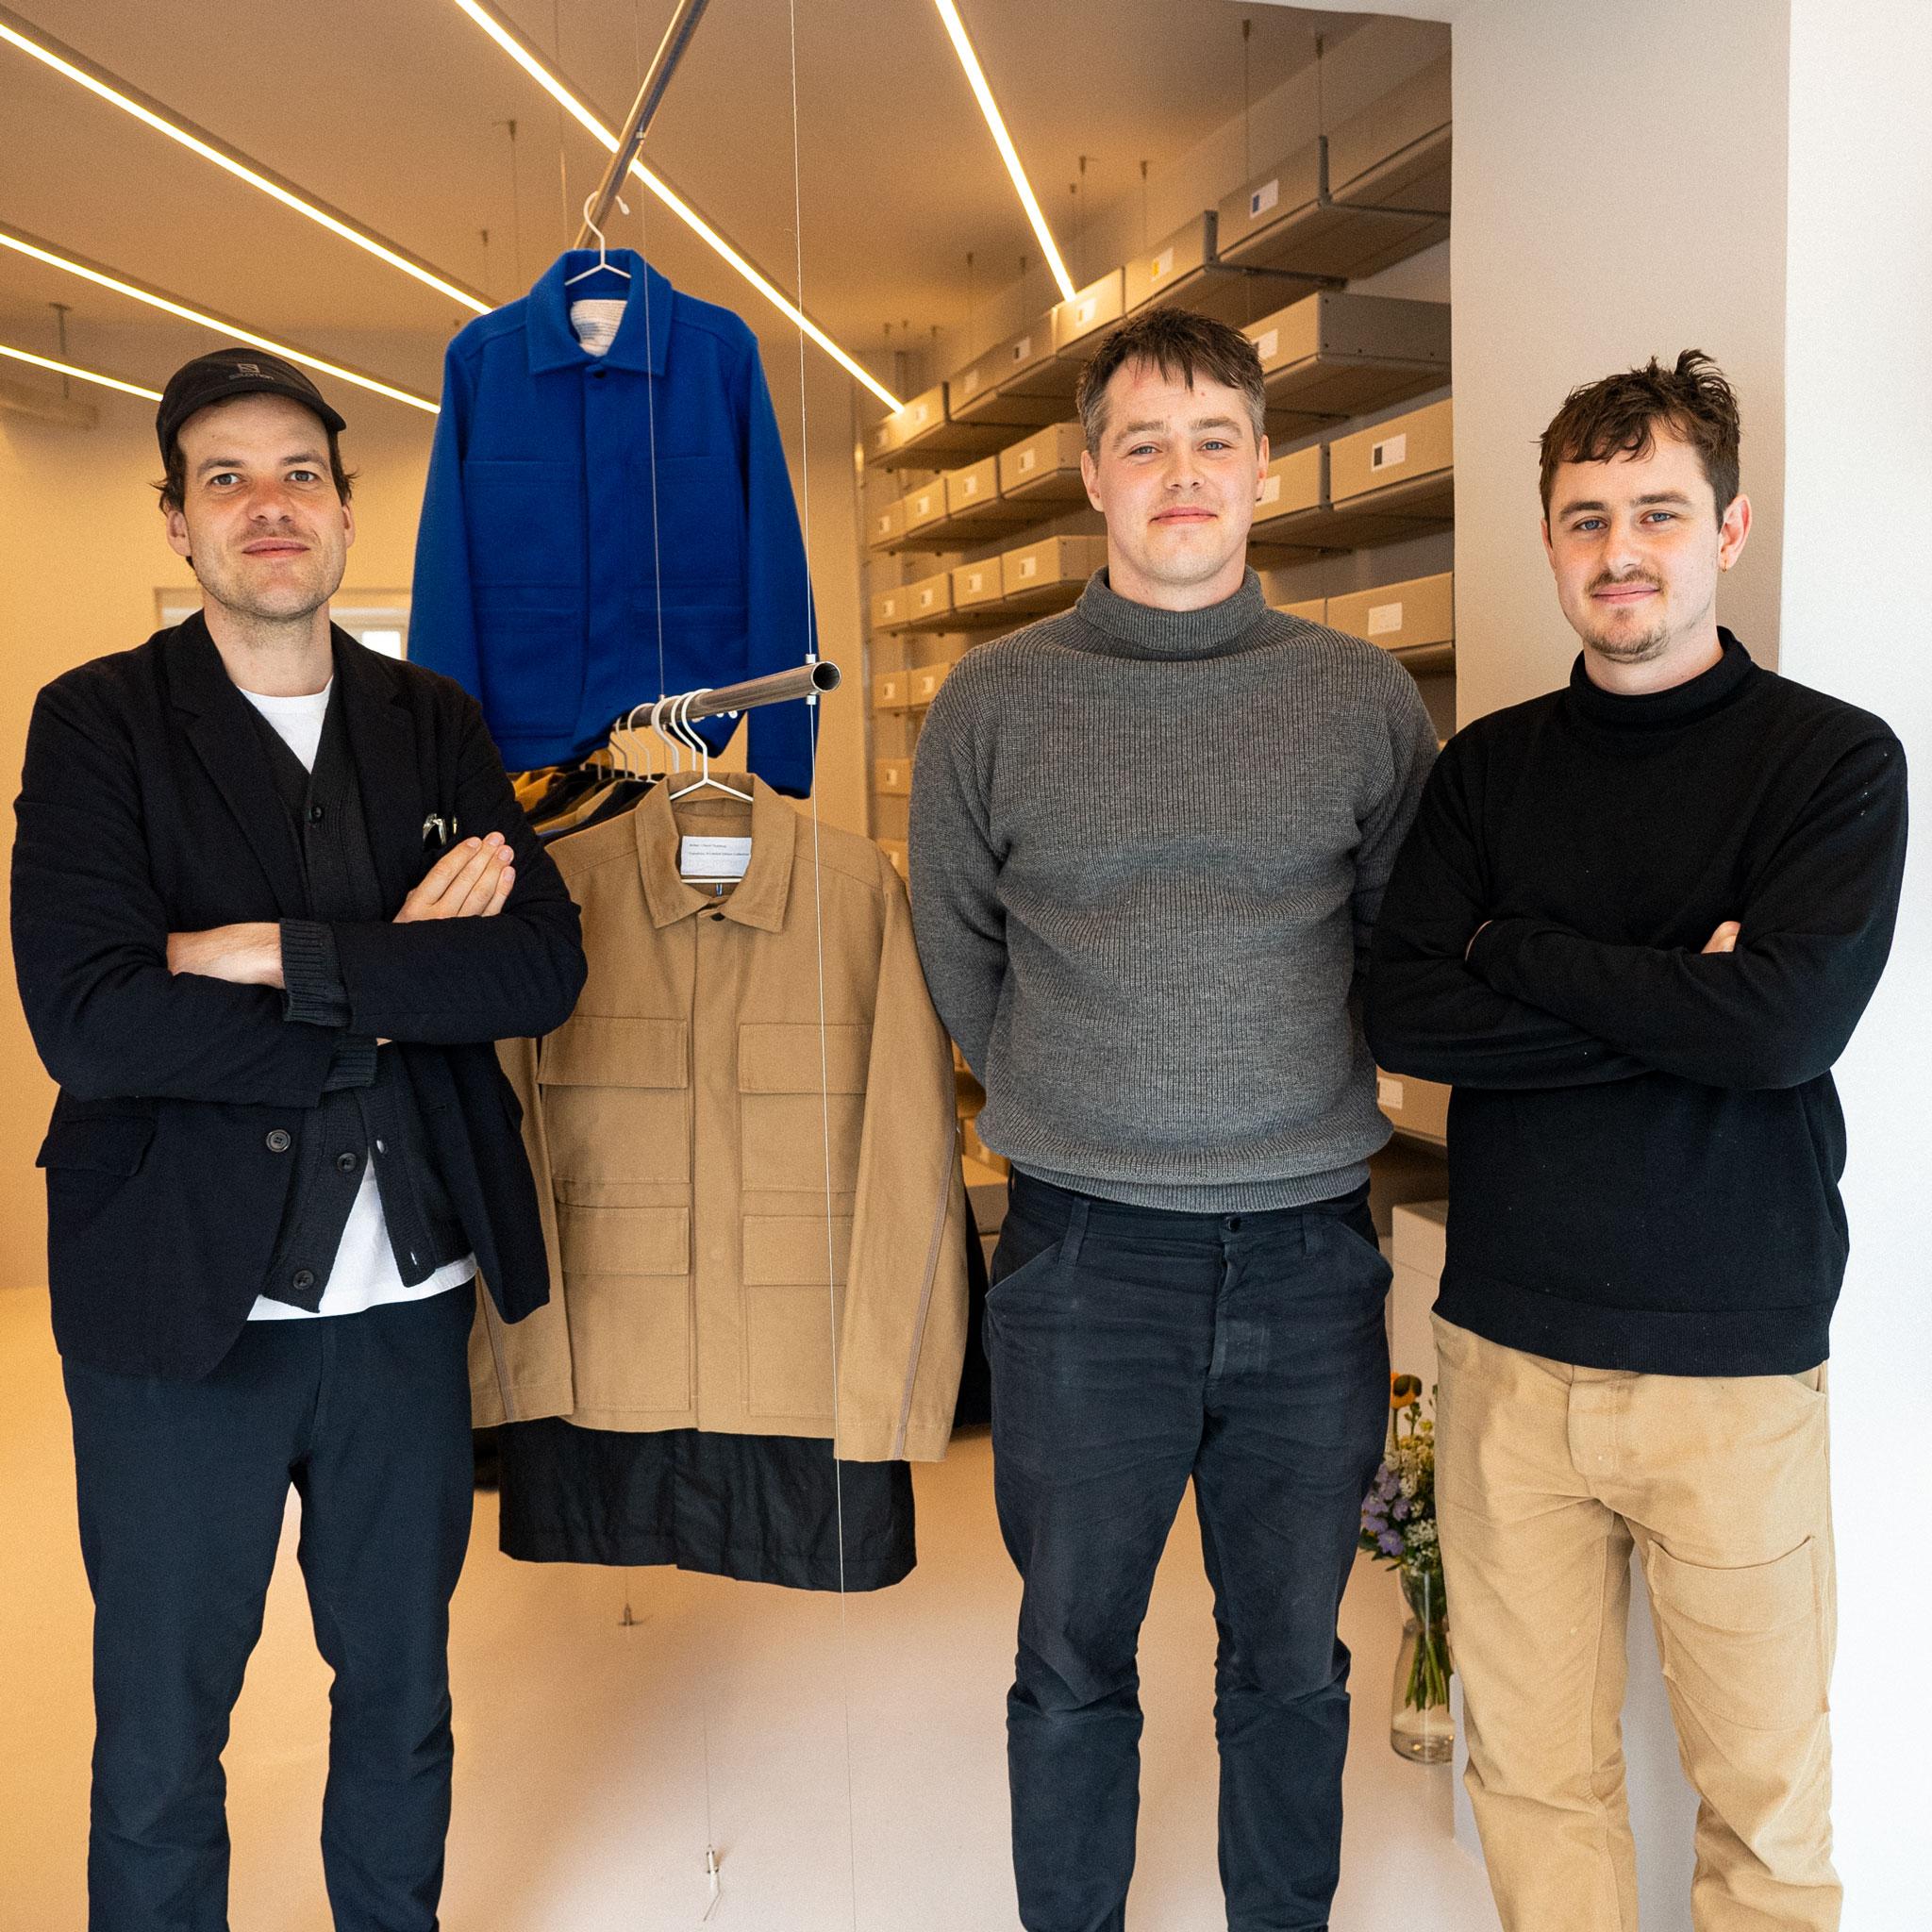 En lille tøjrevolution: Artikel København producerer kun 12 stykker tøj om ugen